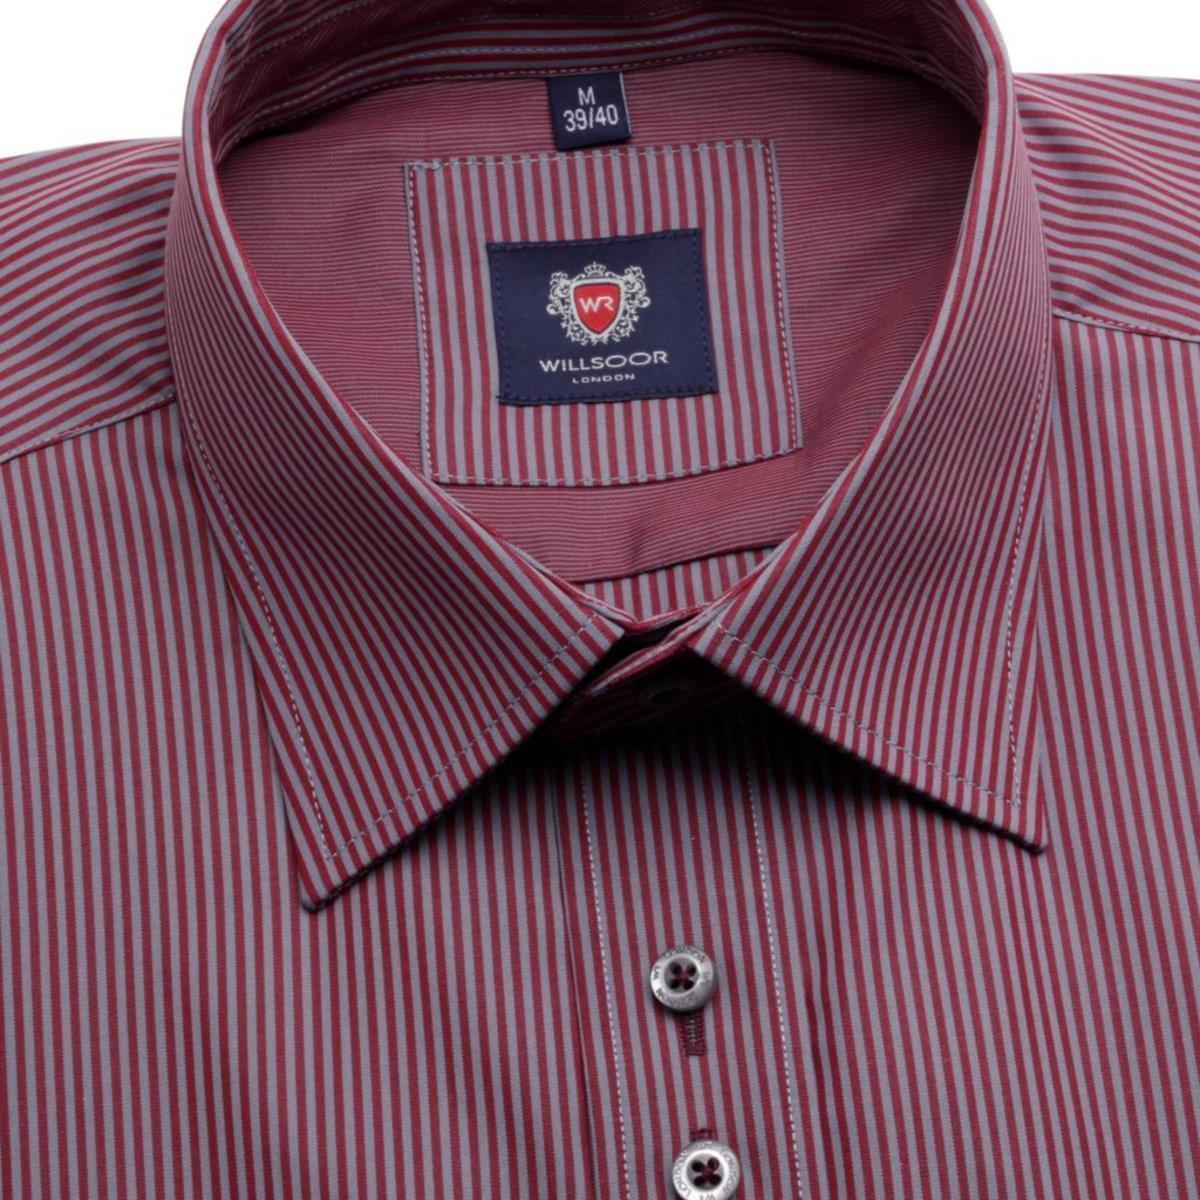 Pánská košile WR London v bordó barvě s proužkem (výška 176-182) 4668 176-182 / XL (43/44) 164-170 / XL (43/44)